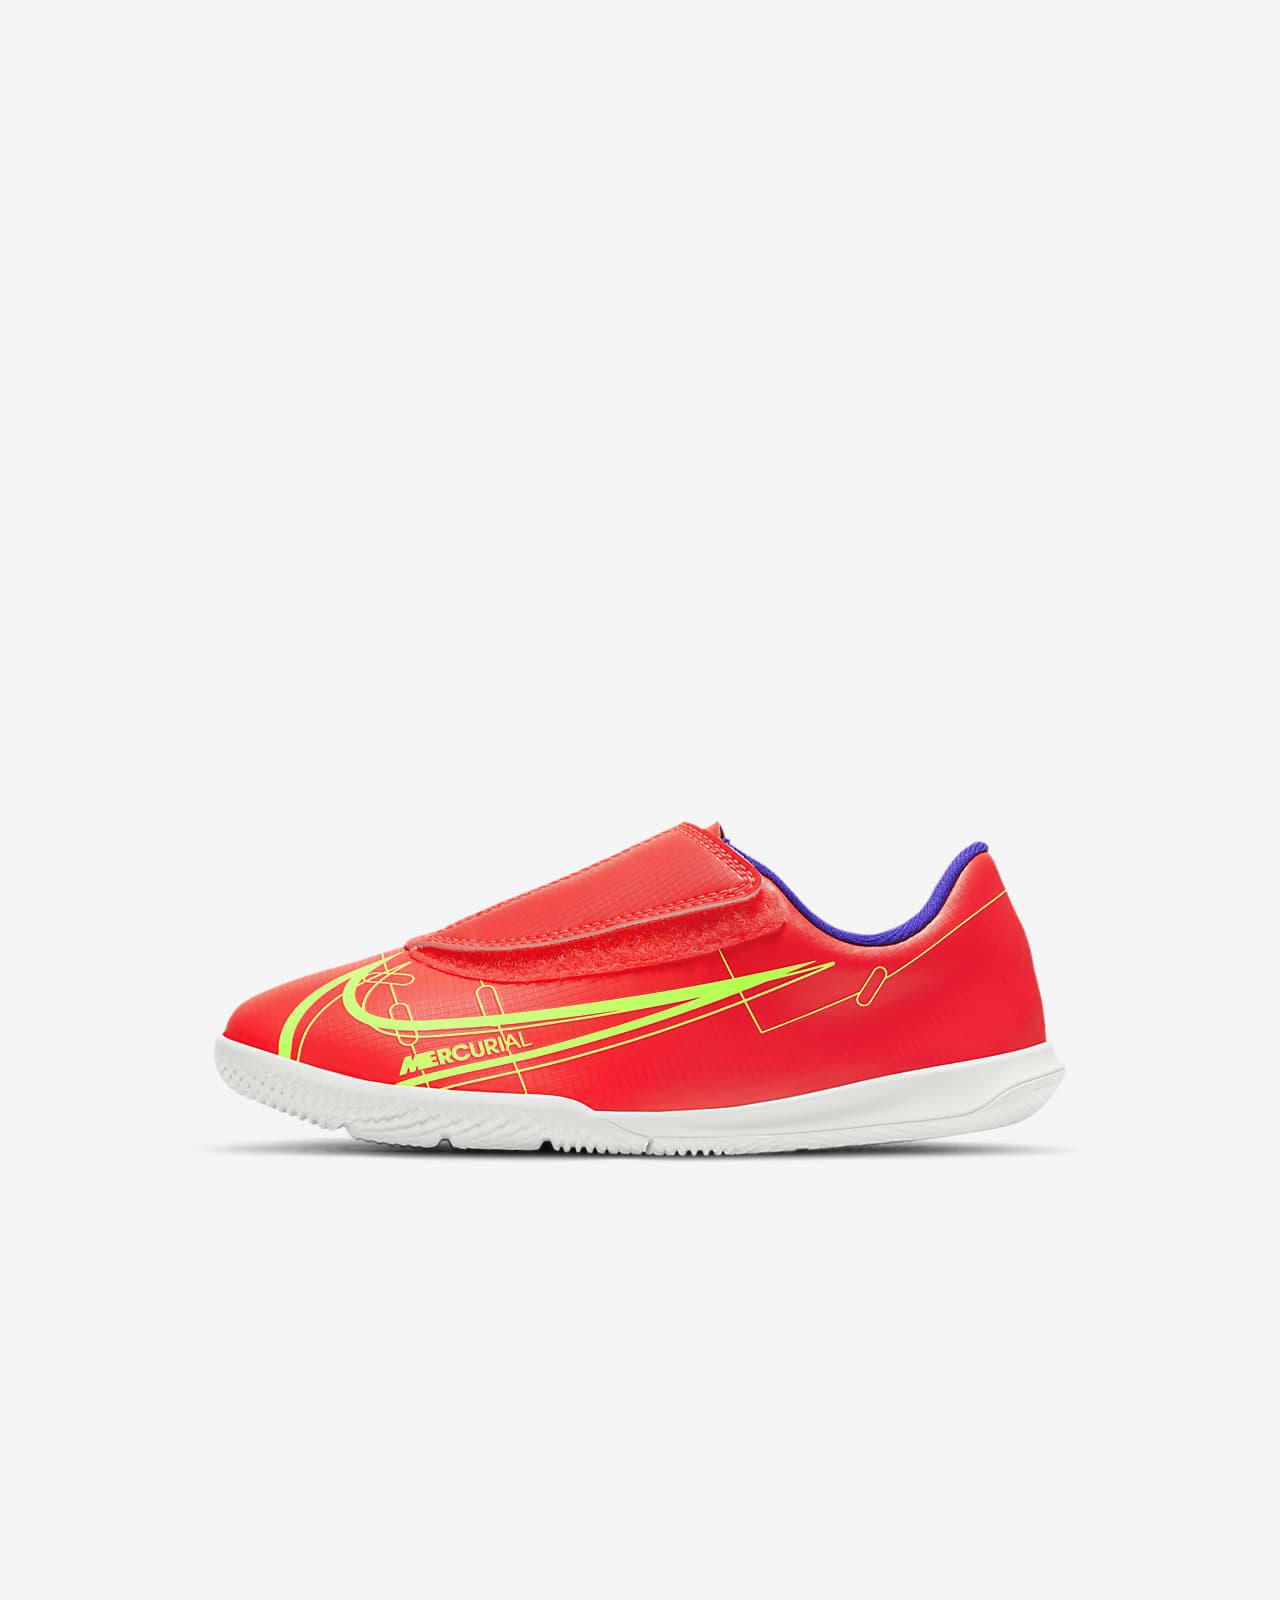 Nike Jr. Mercurial Vapor 14 Club IC fotballsko til innendørsbane/gate til små barn